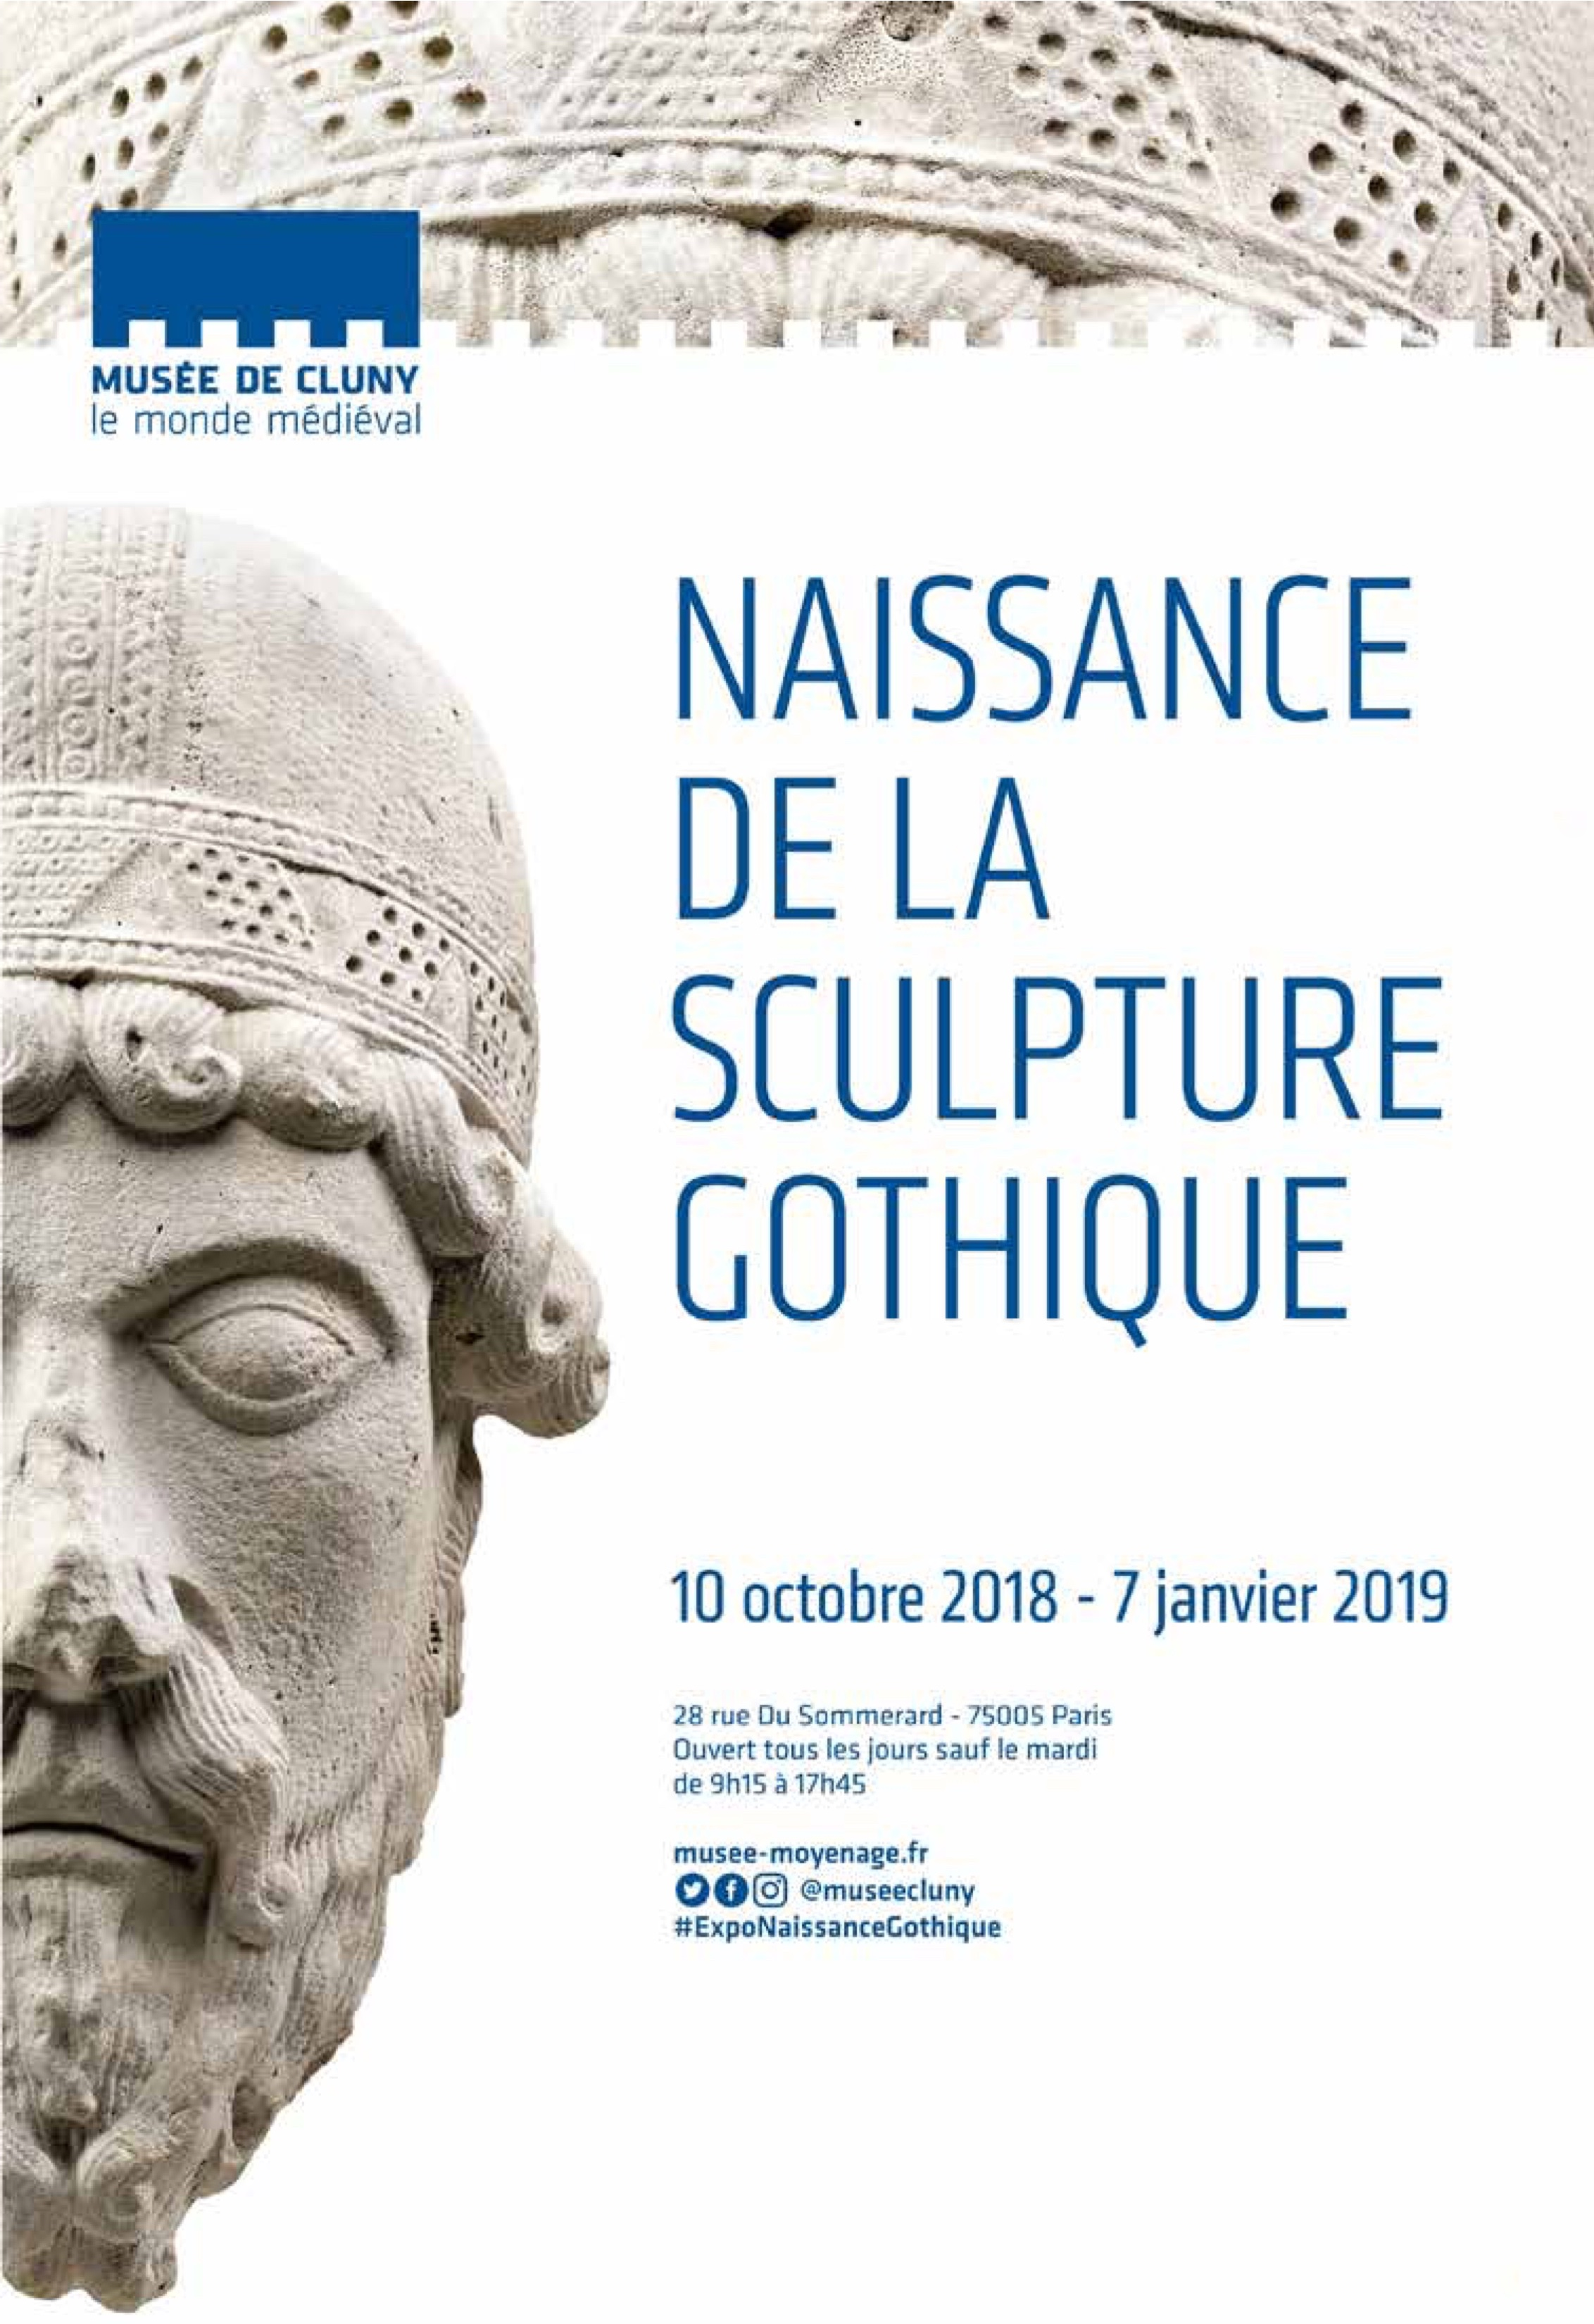 Exposition Naissance de la sculpture gothique au Musée de Cluny du 10 octobre 2018 au 7 janvier 2019